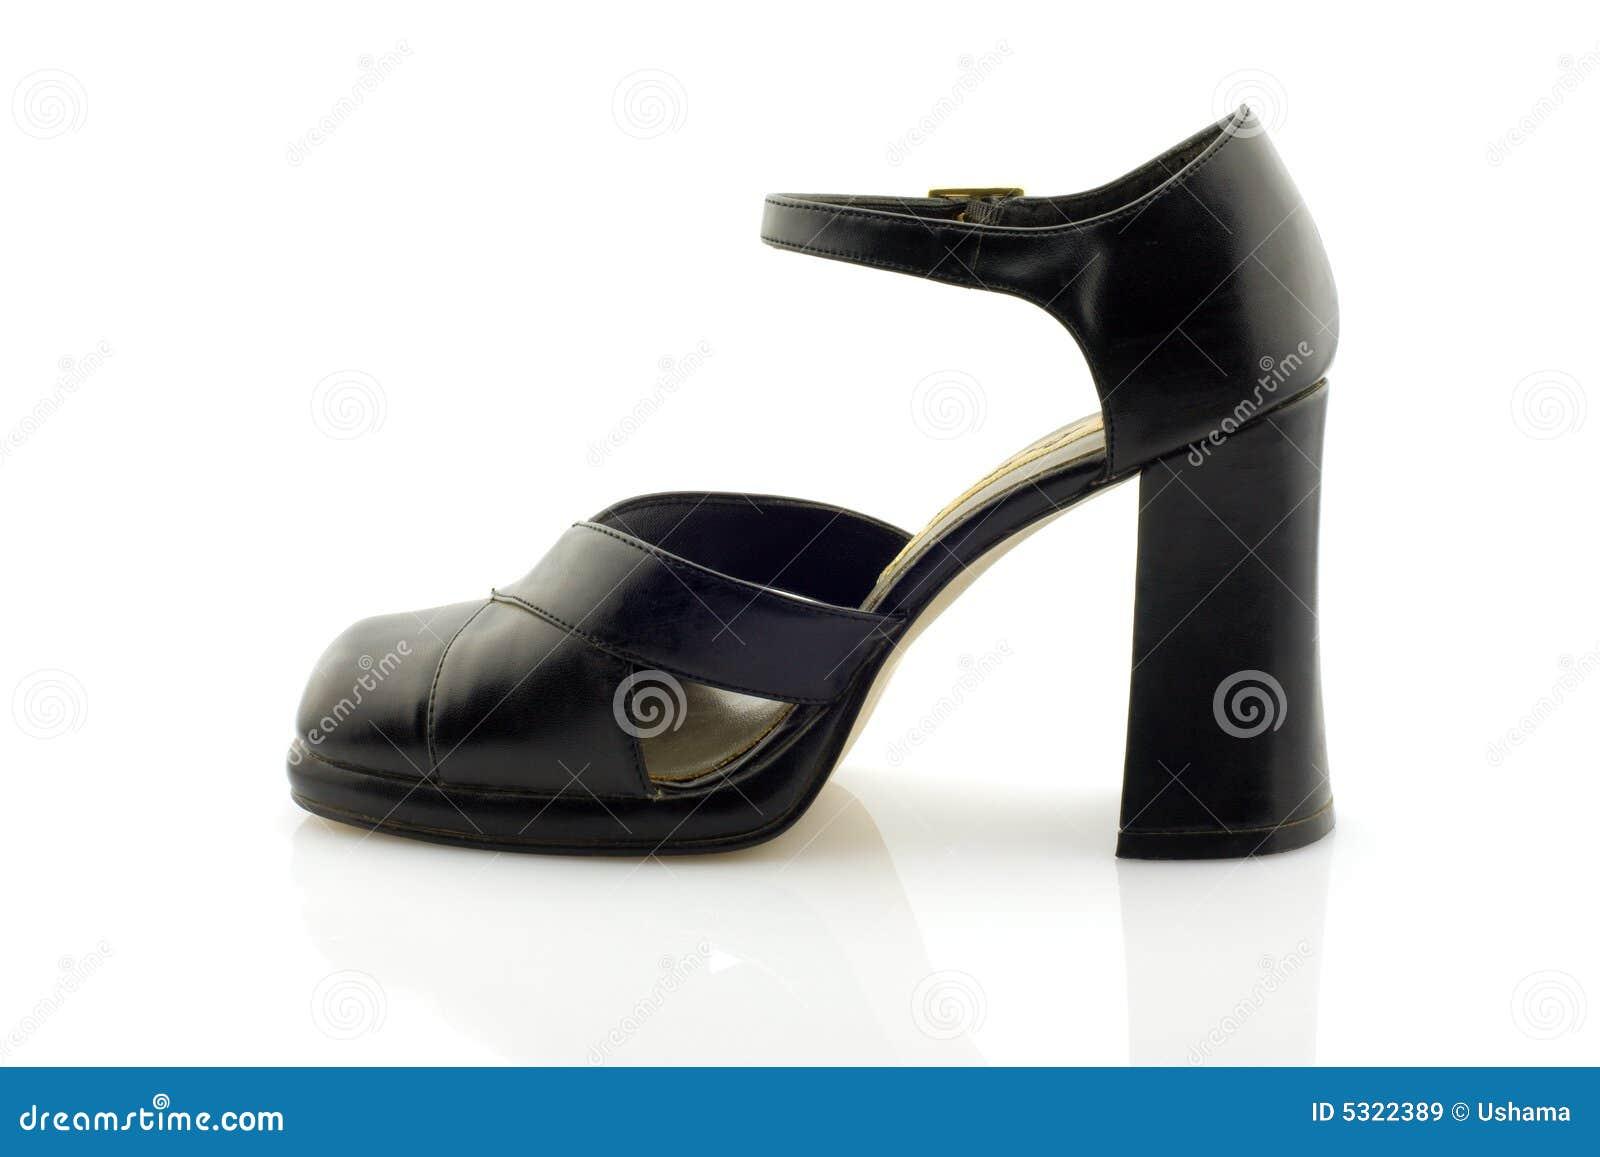 Download Sandalo High-heeled, Isolato Immagine Stock - Immagine di riflessione, fascino: 5322389